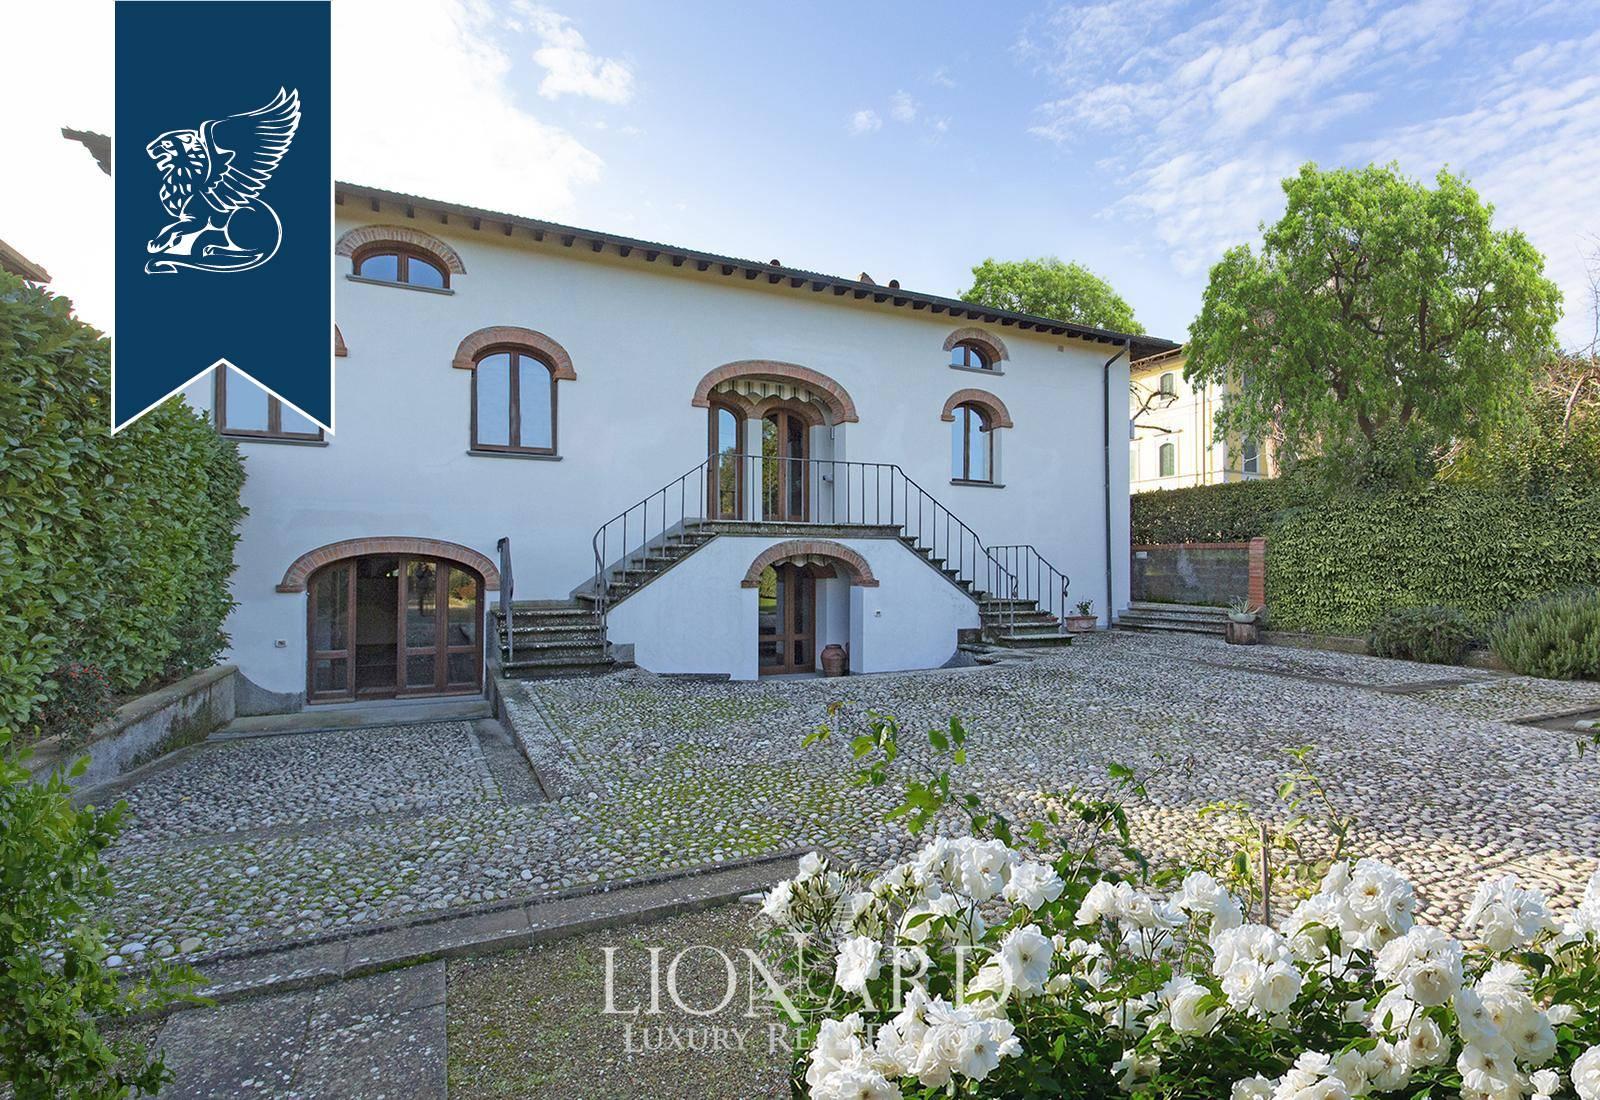 Villa in Vendita a Terranuova Bracciolini: 0 locali, 480 mq - Foto 4